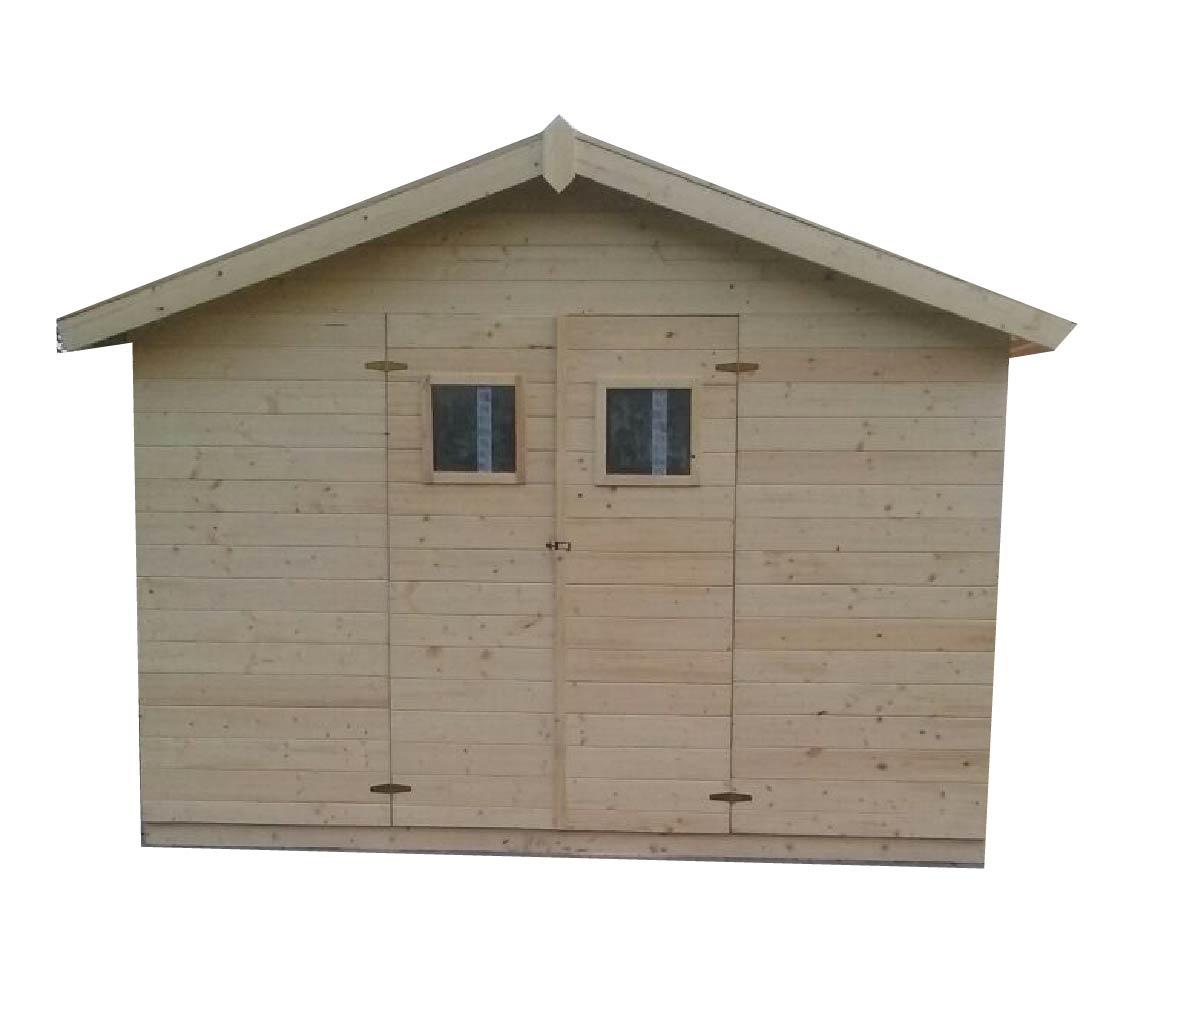 Zahradní dřevěný domek 3,3x3,3m, (19mm) s okny, MADRID